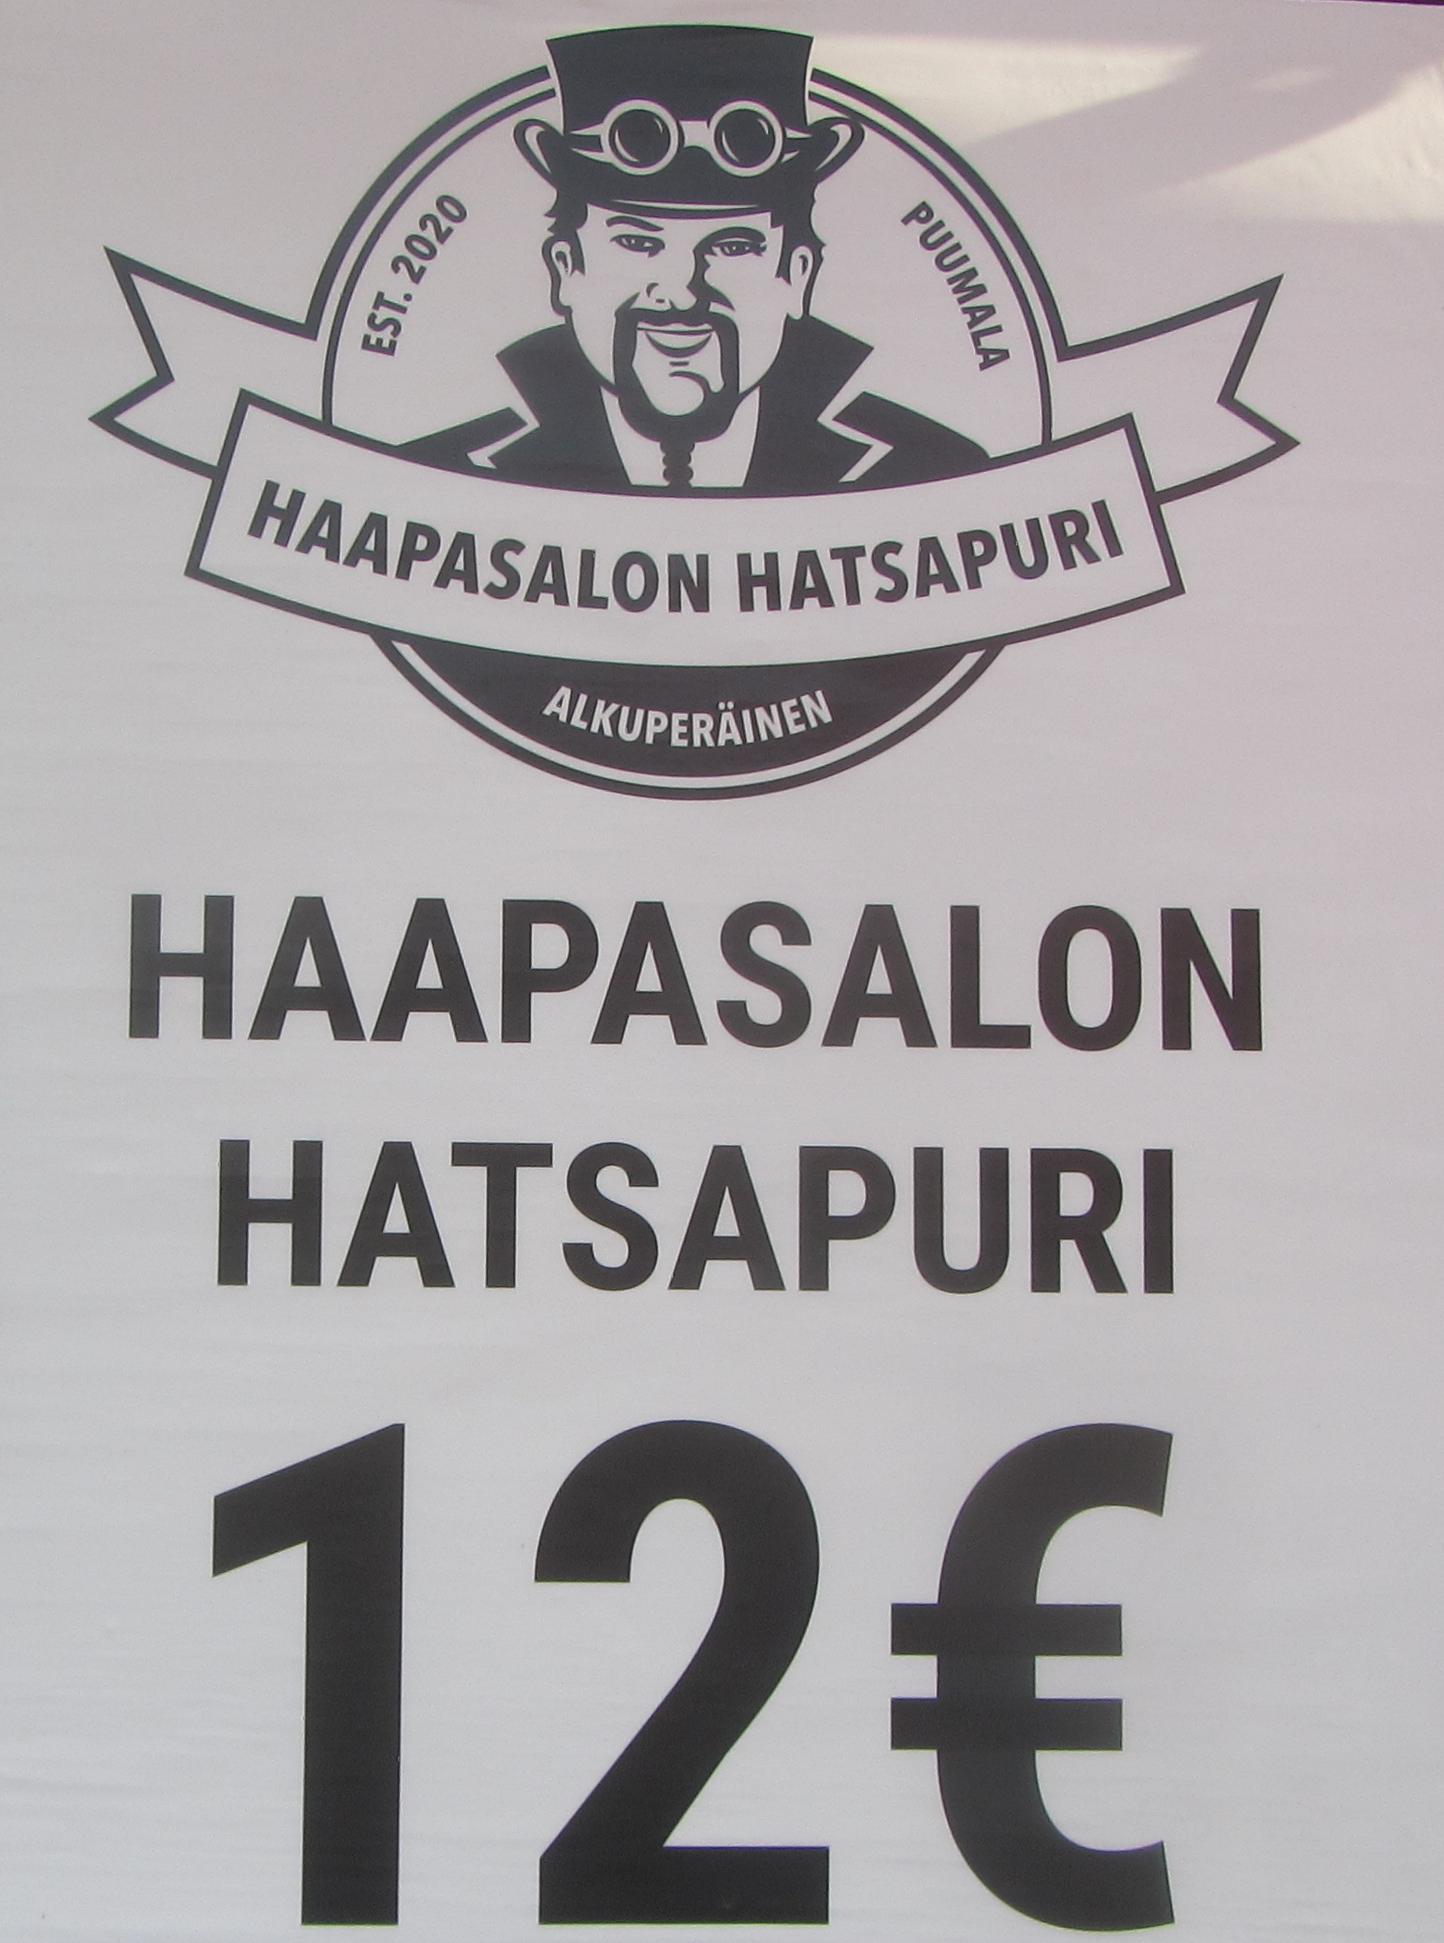 Georgian kävijät (Tbilisi ja Batumi, vuonna 2017) totesivat, että Villen hatsapuri edustaa hyvää tasoa!